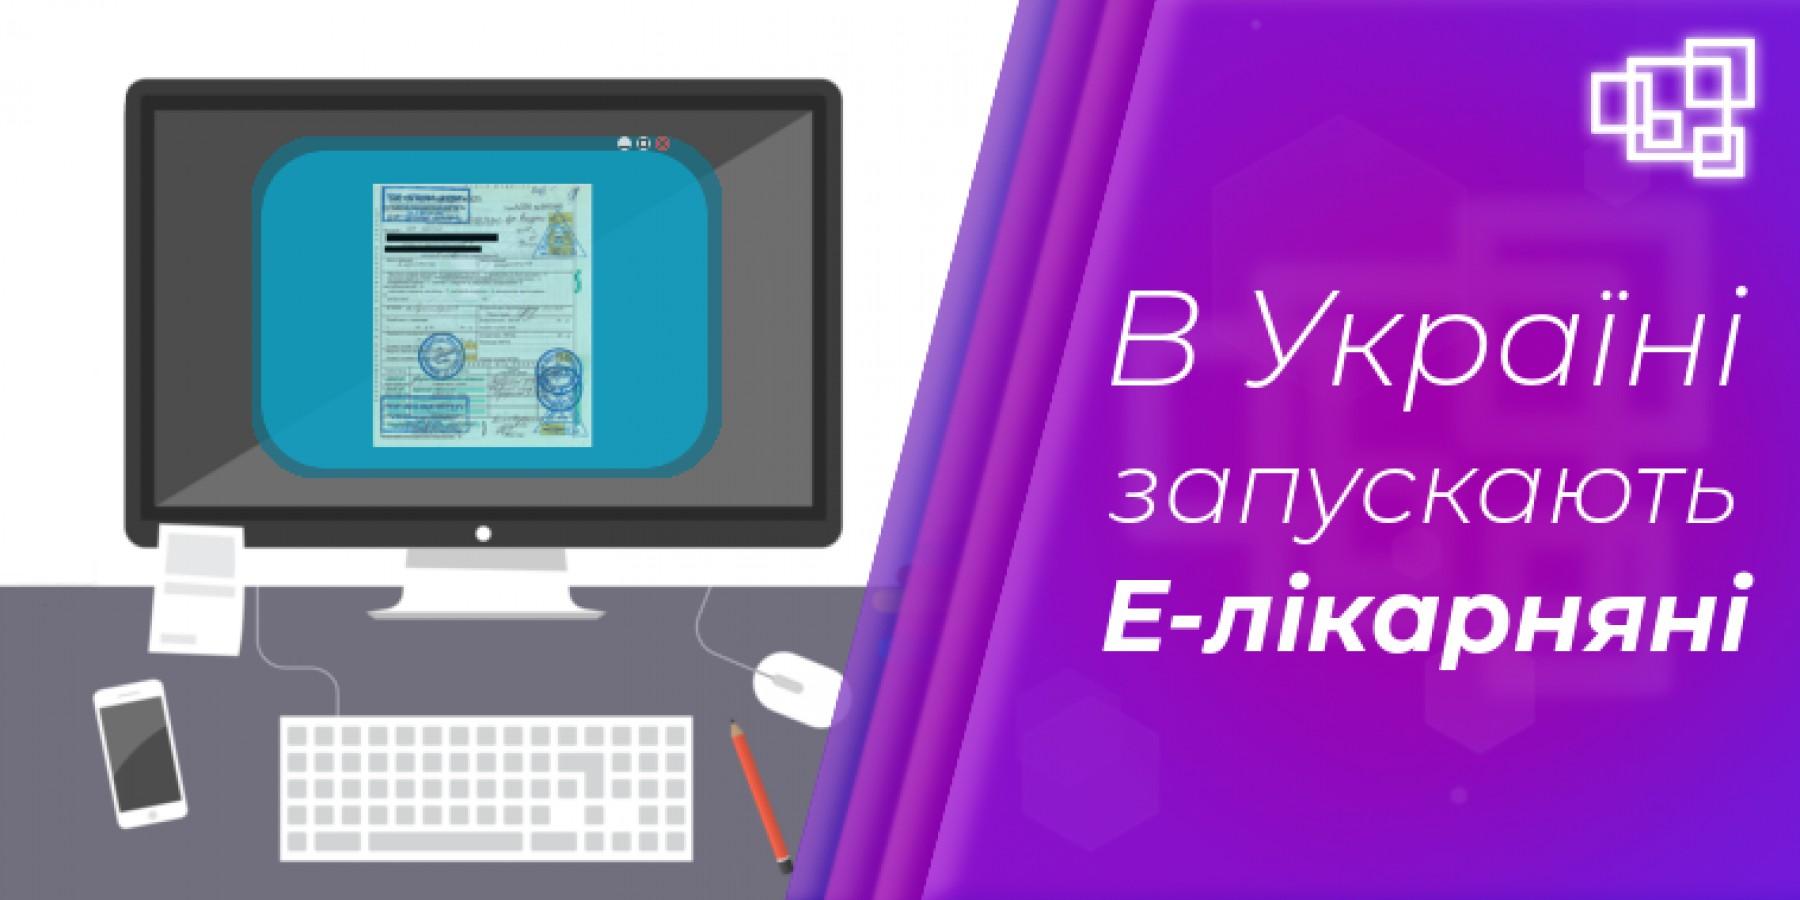 МОЗ: Україна переходить на «е-лікарняні»